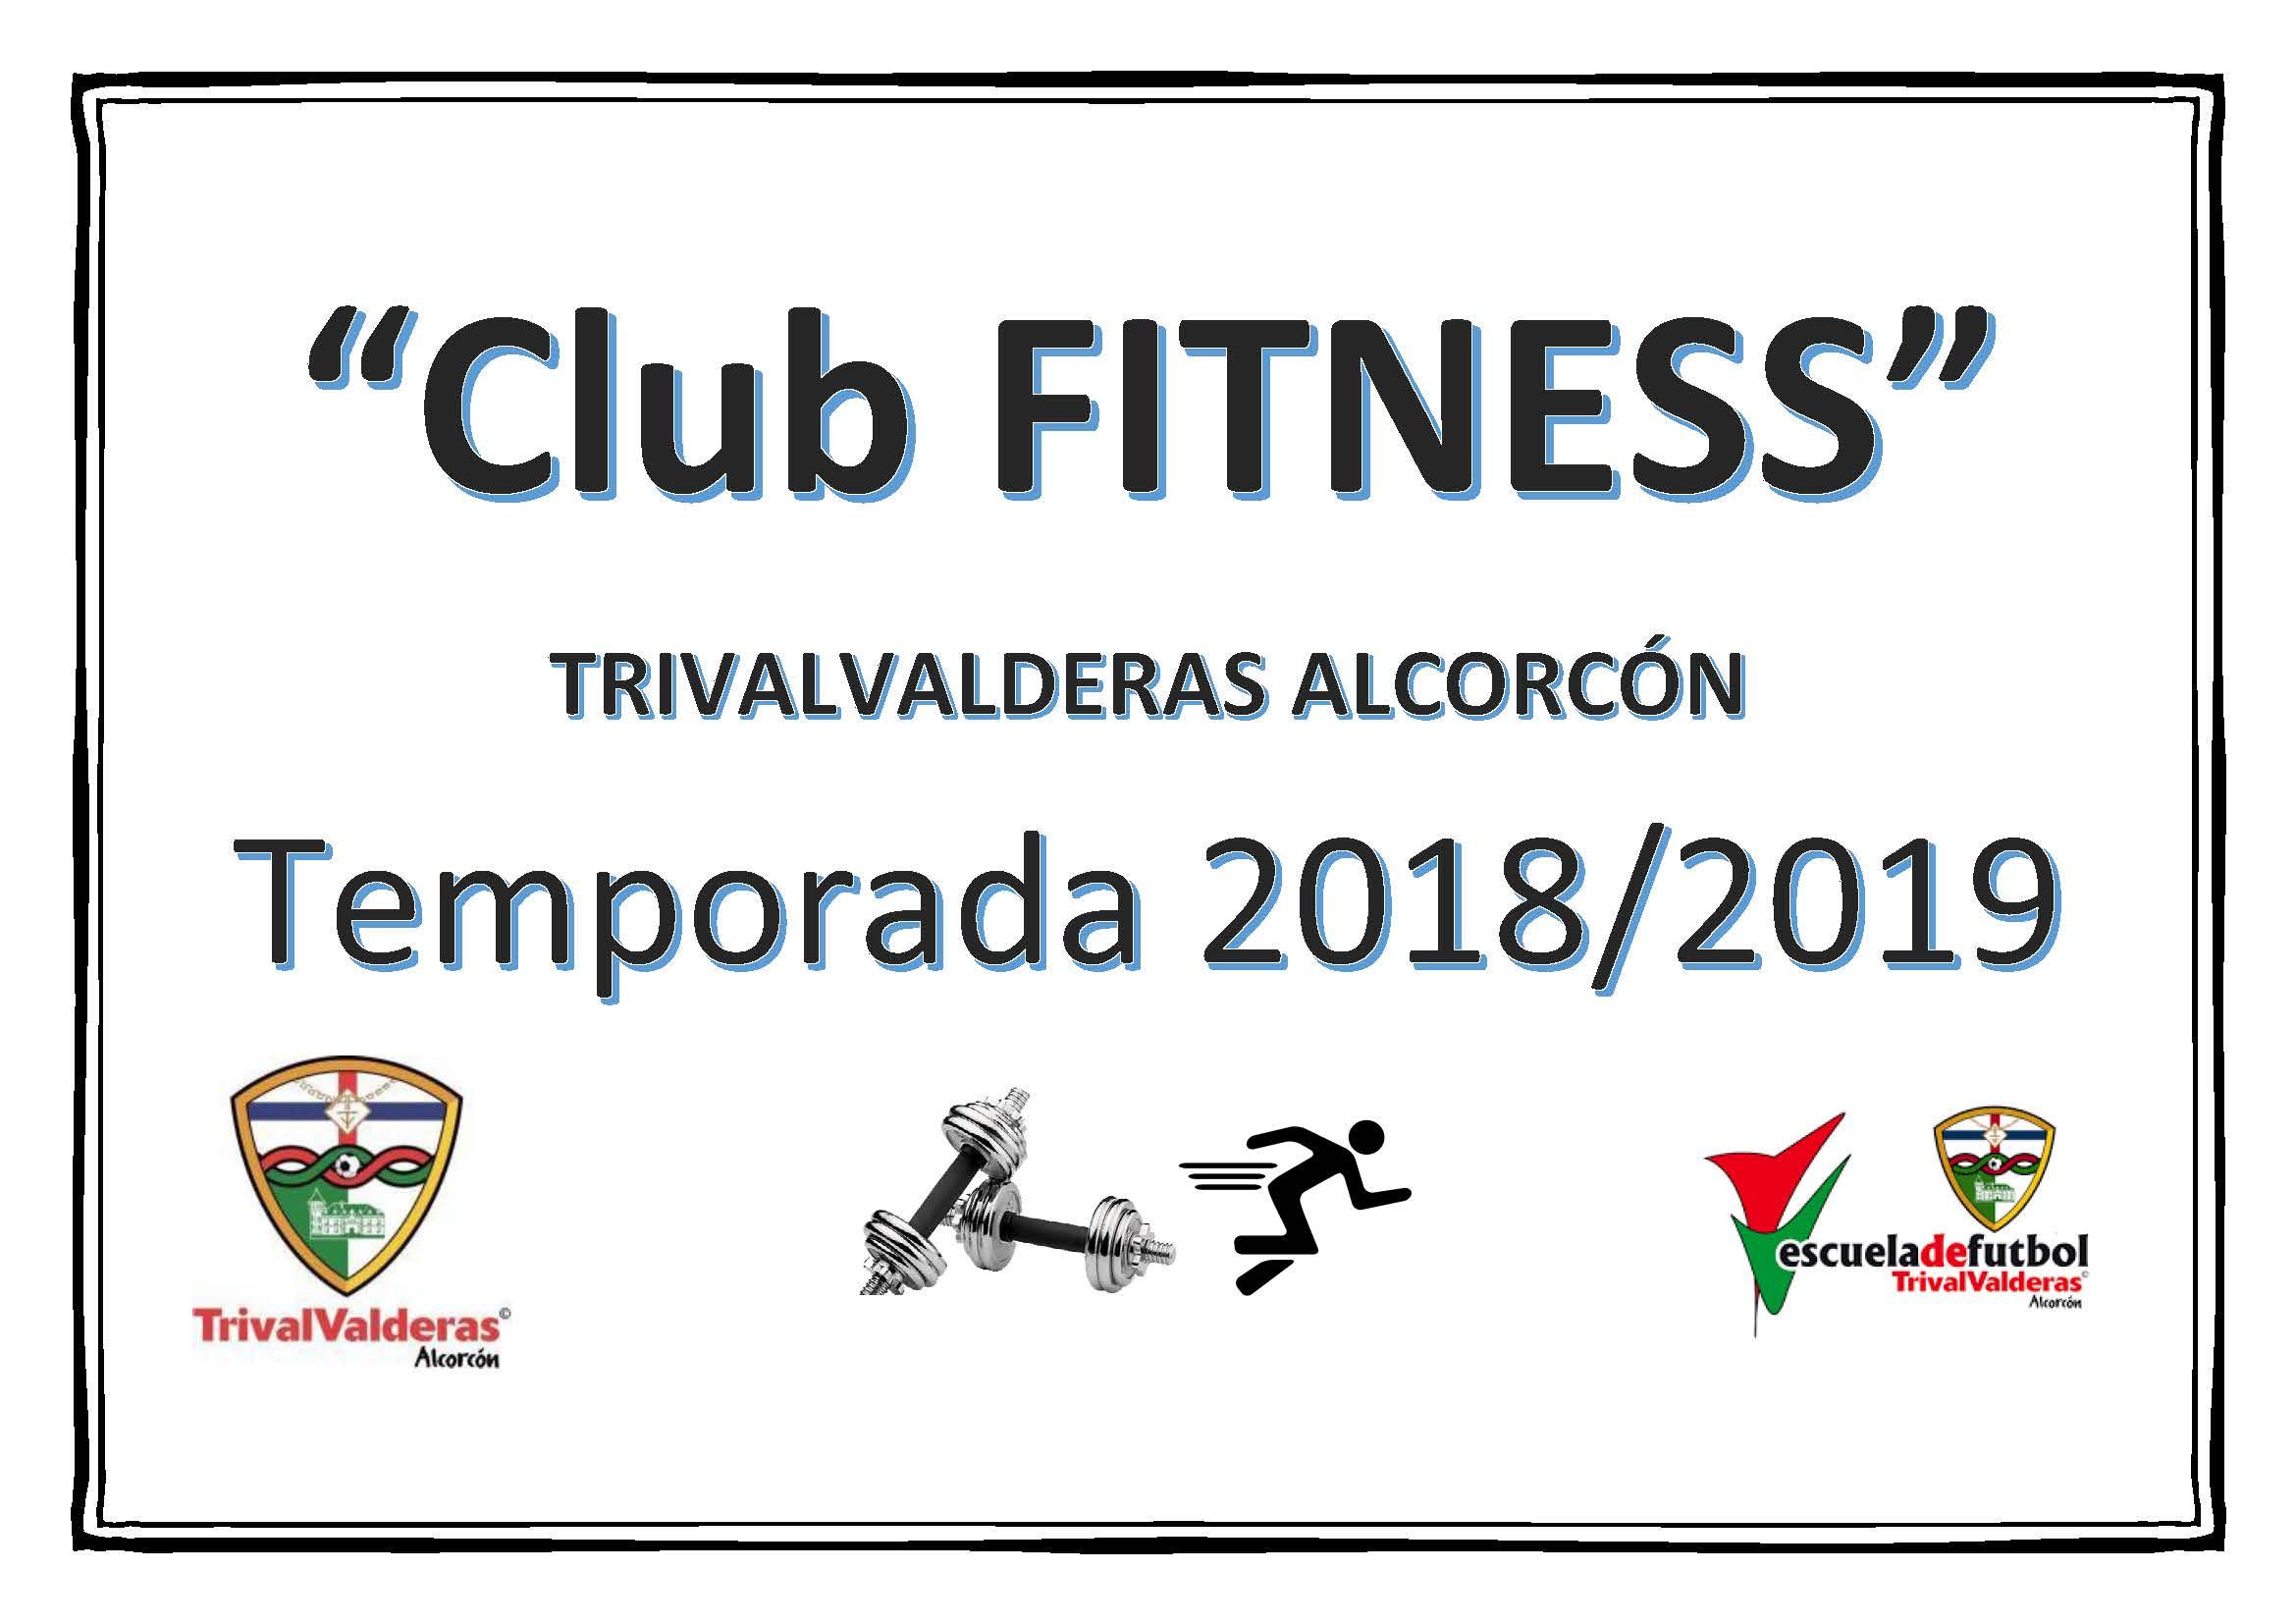 CLUB FITNESS TEMPORADA 2018/2019